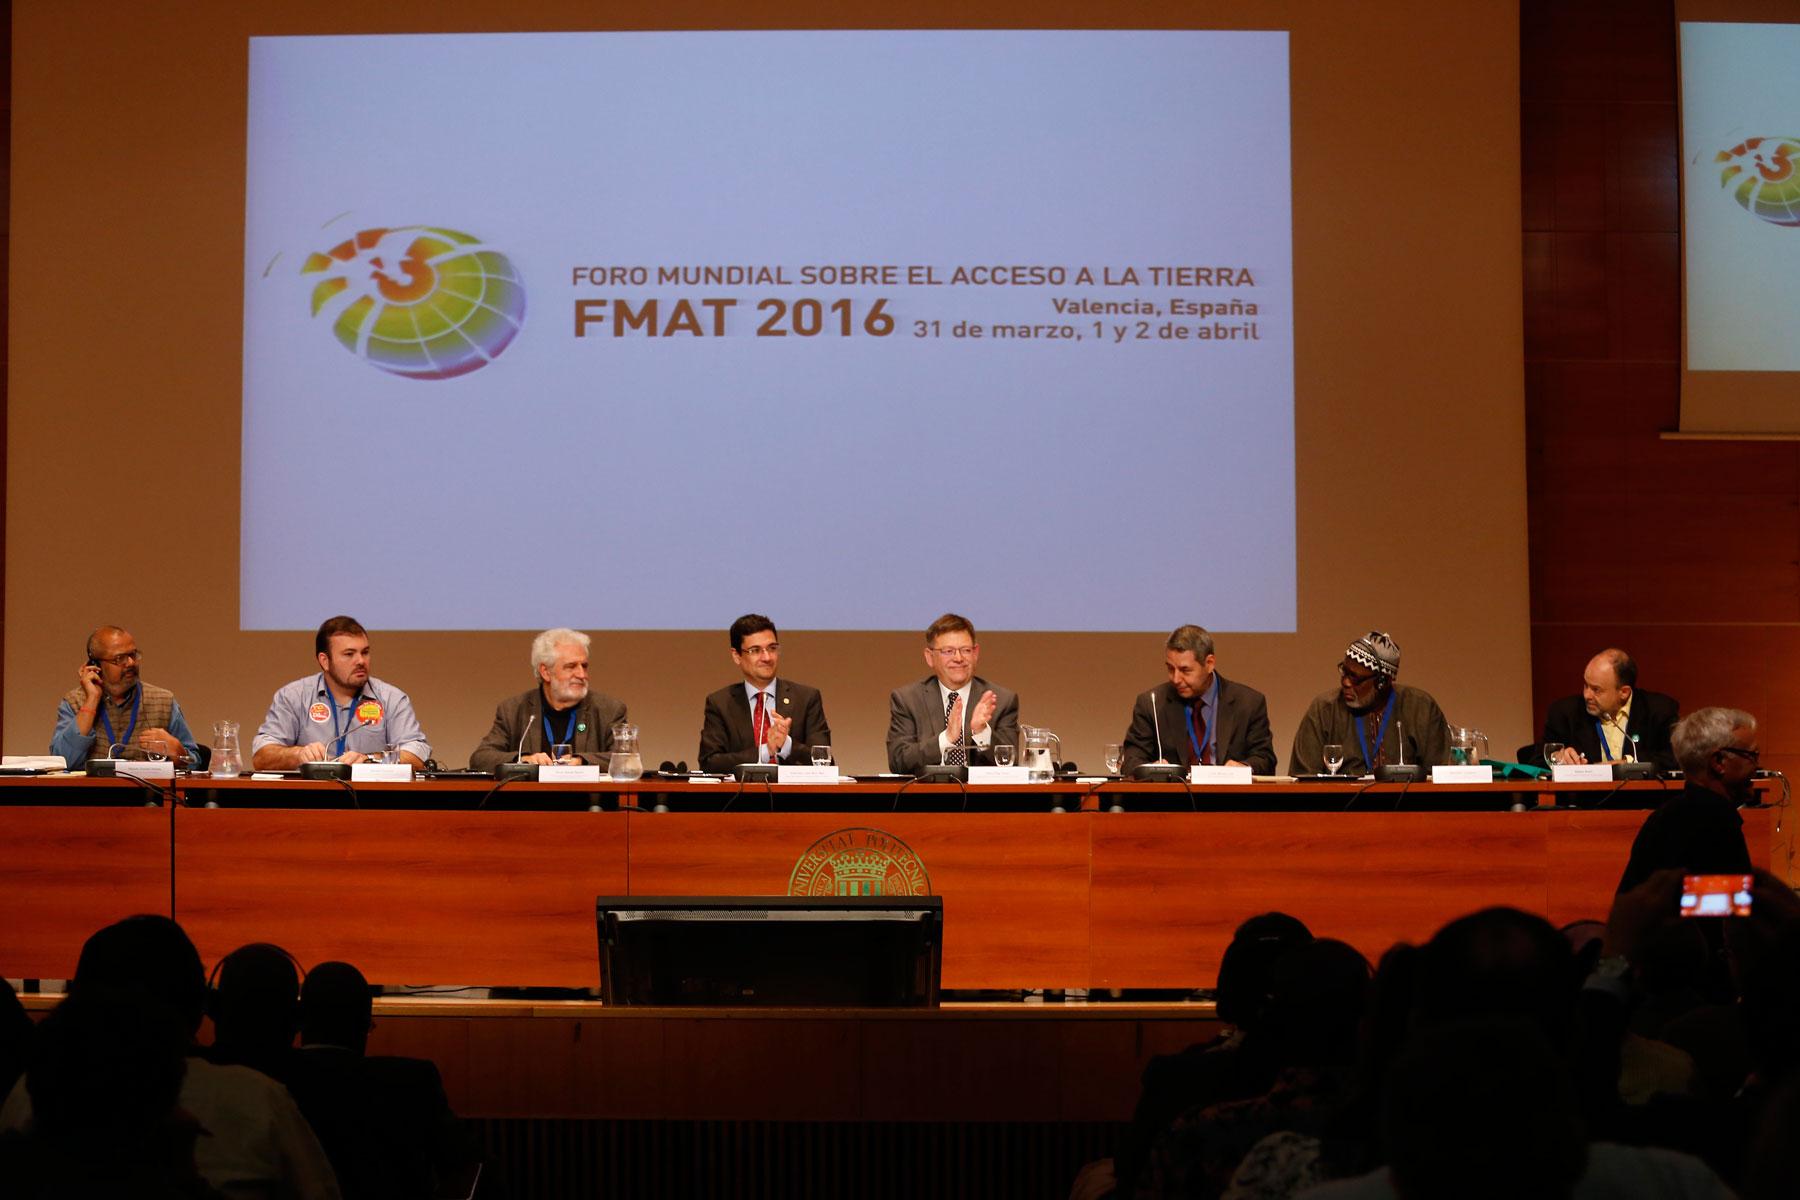 Se ha iniciado en Valencia el Foro Mundial sobre el Acceso a la Tierra con 400 participantes